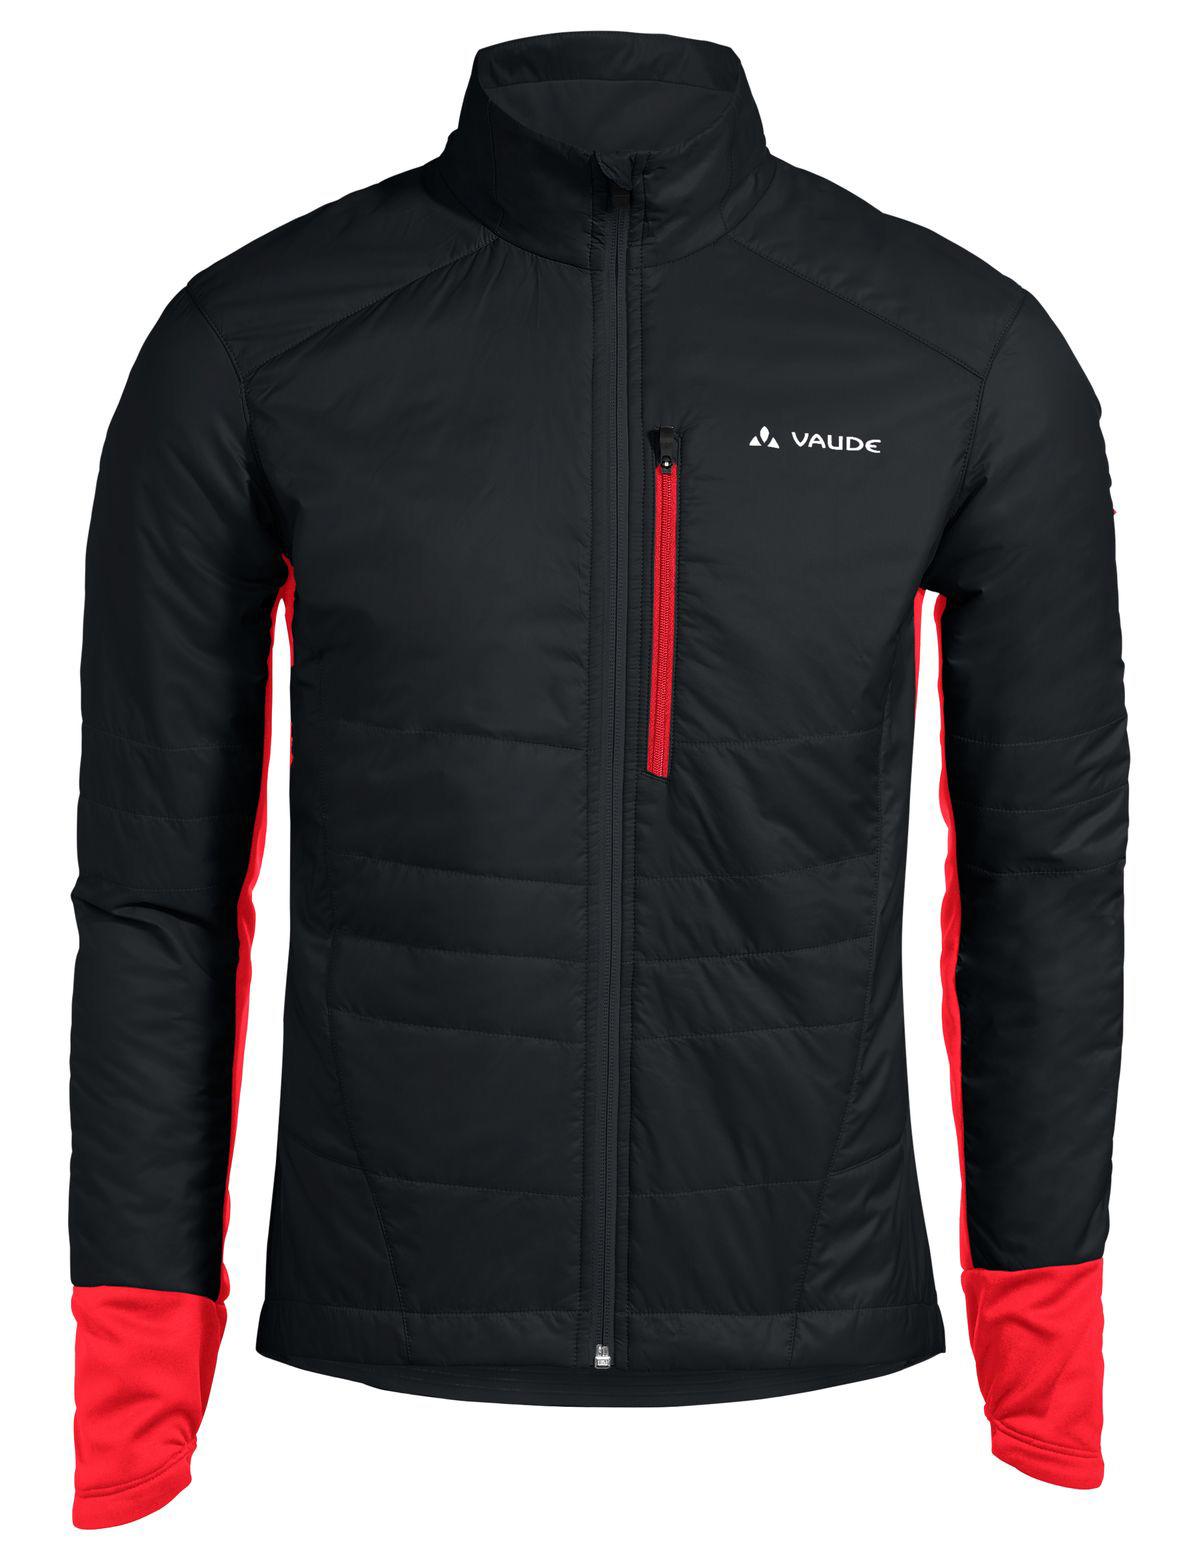 Vaude Men's Taroo Insulation Jacket - black/red